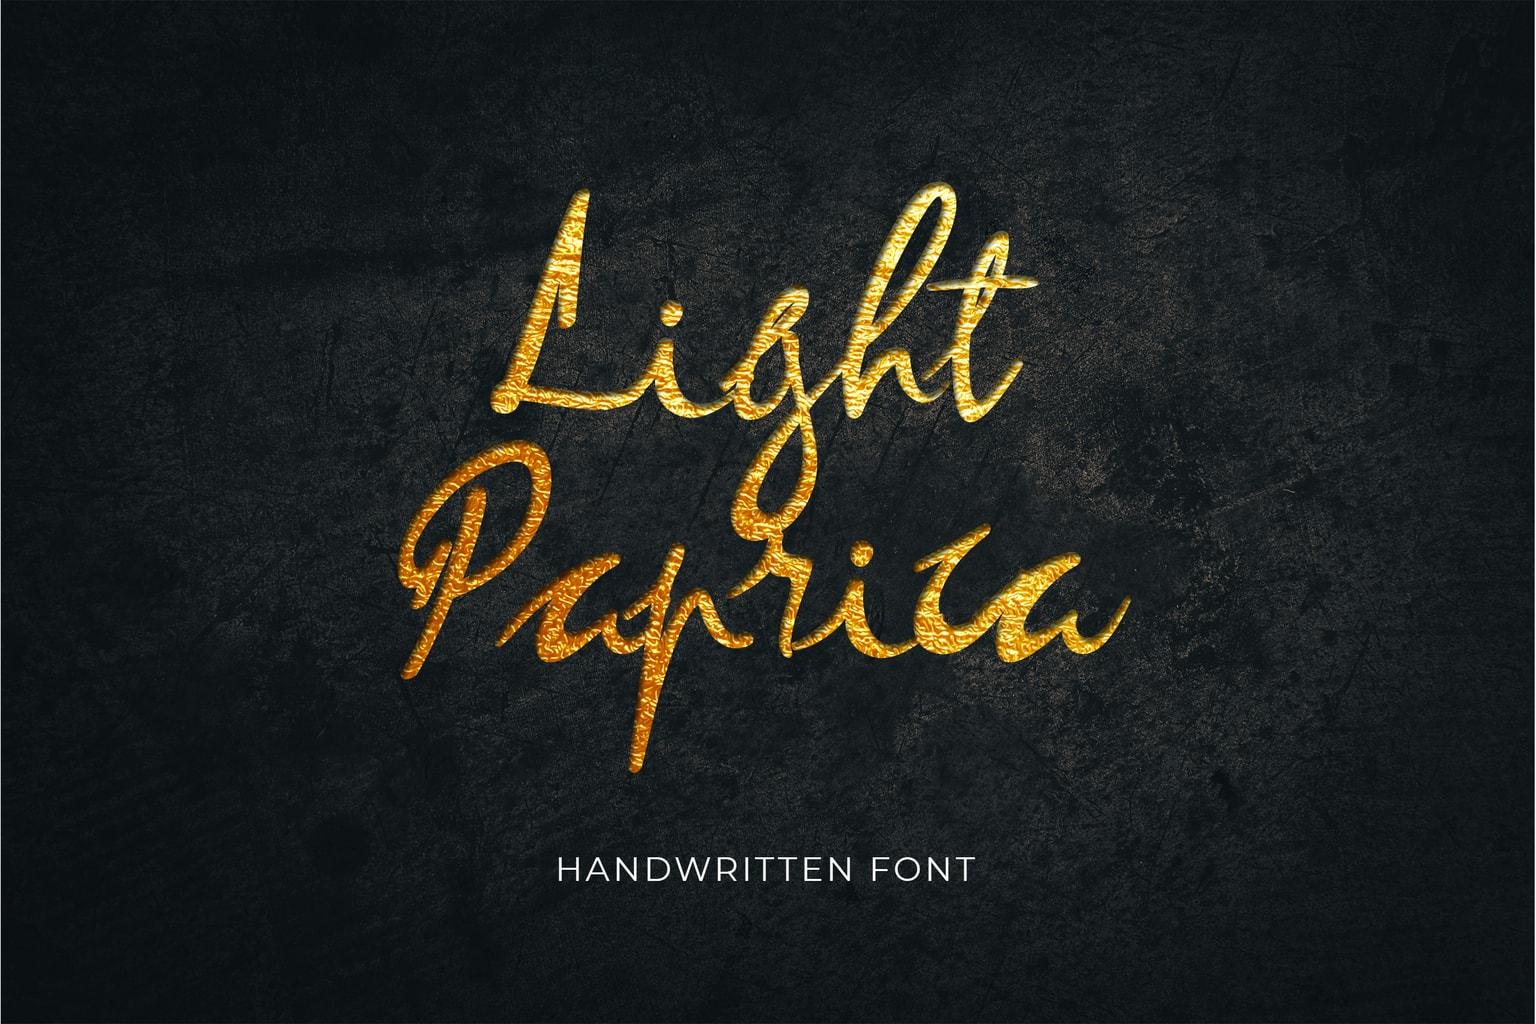 fonts light paprica handwritten